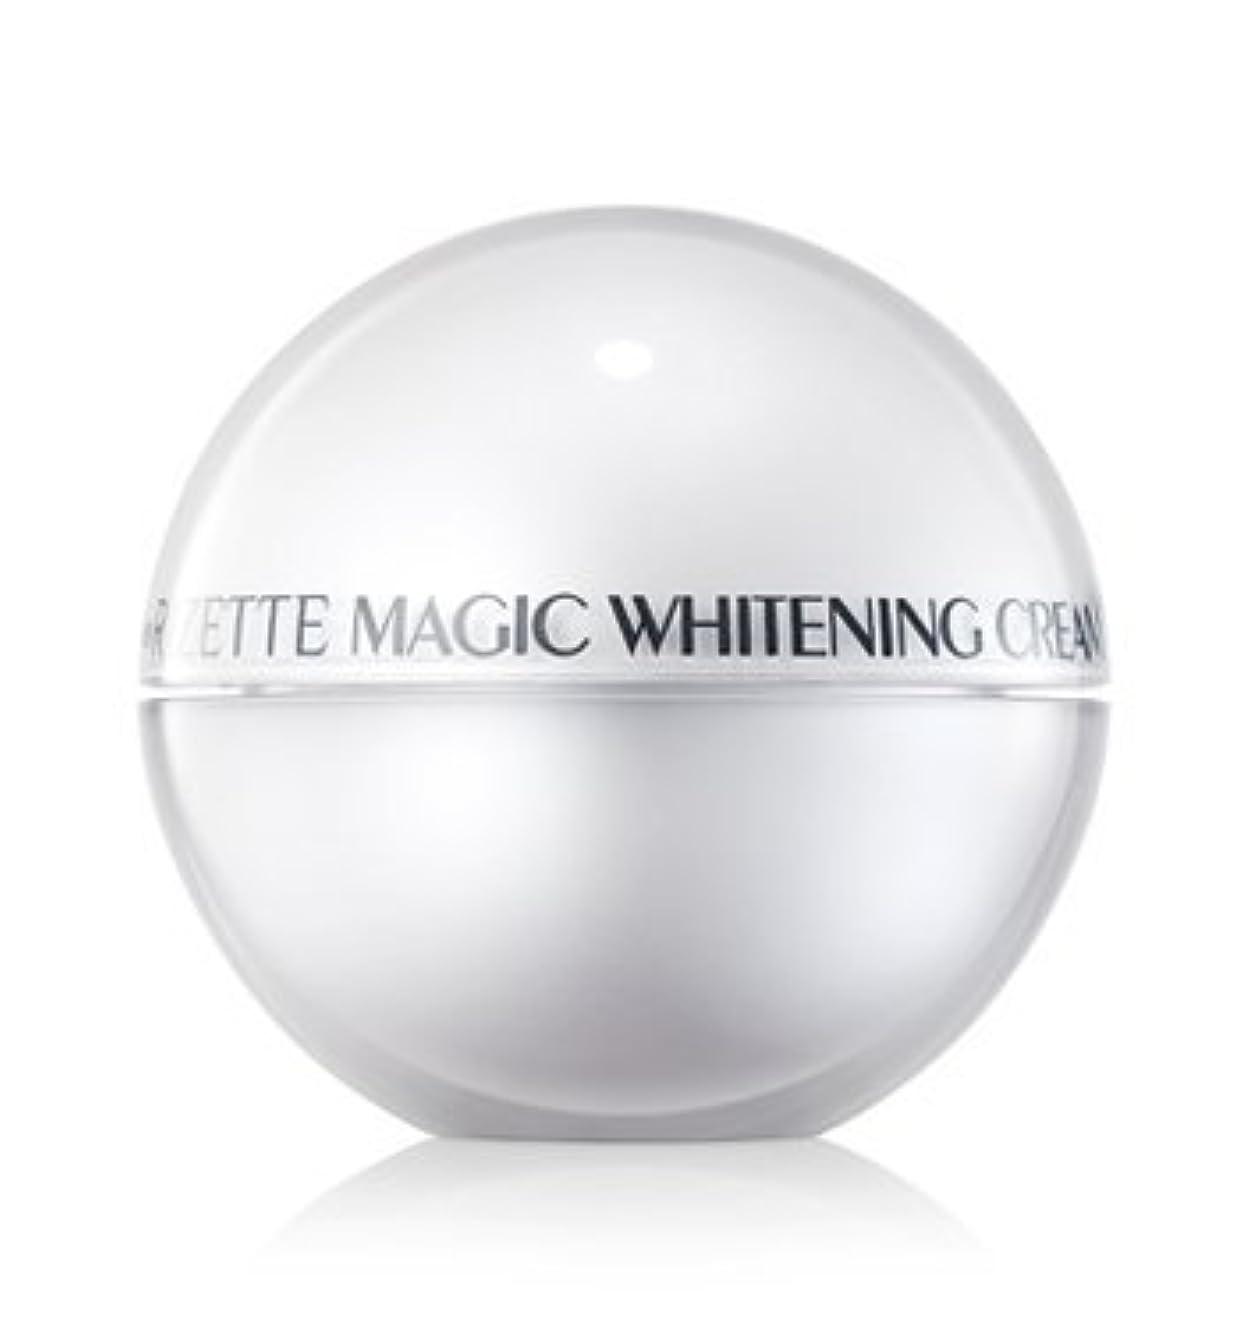 インスタントタイマーに対応リオエリ(Lioele) Rizette マジック ホワイトニング クリーム プラス/ Lioele Rizette Magic Whitening Cream Plus[並行輸入品]